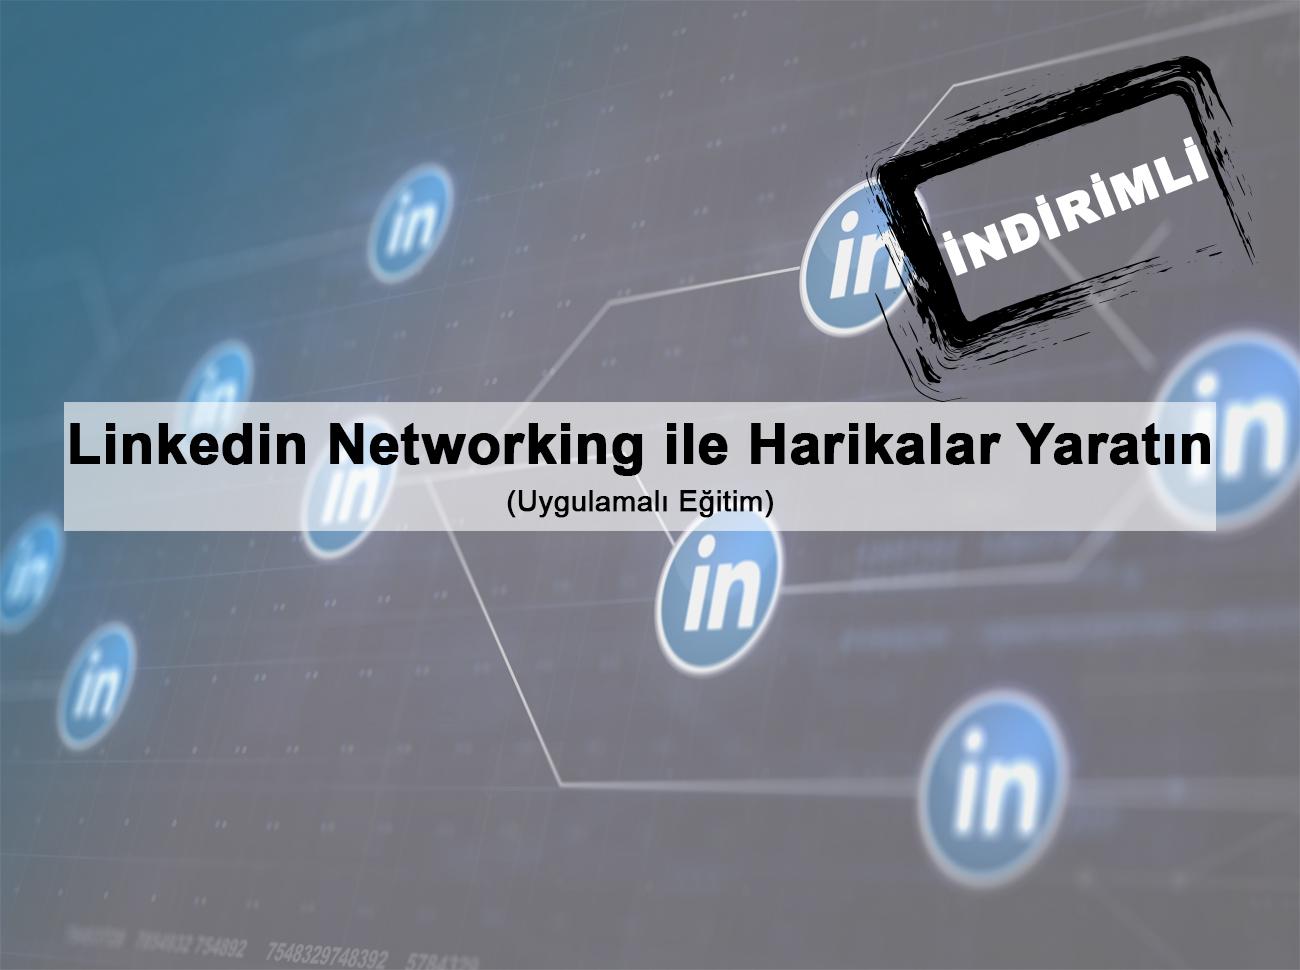 Linkedin Networking ile Harikalar Yaratın (Eğitim)